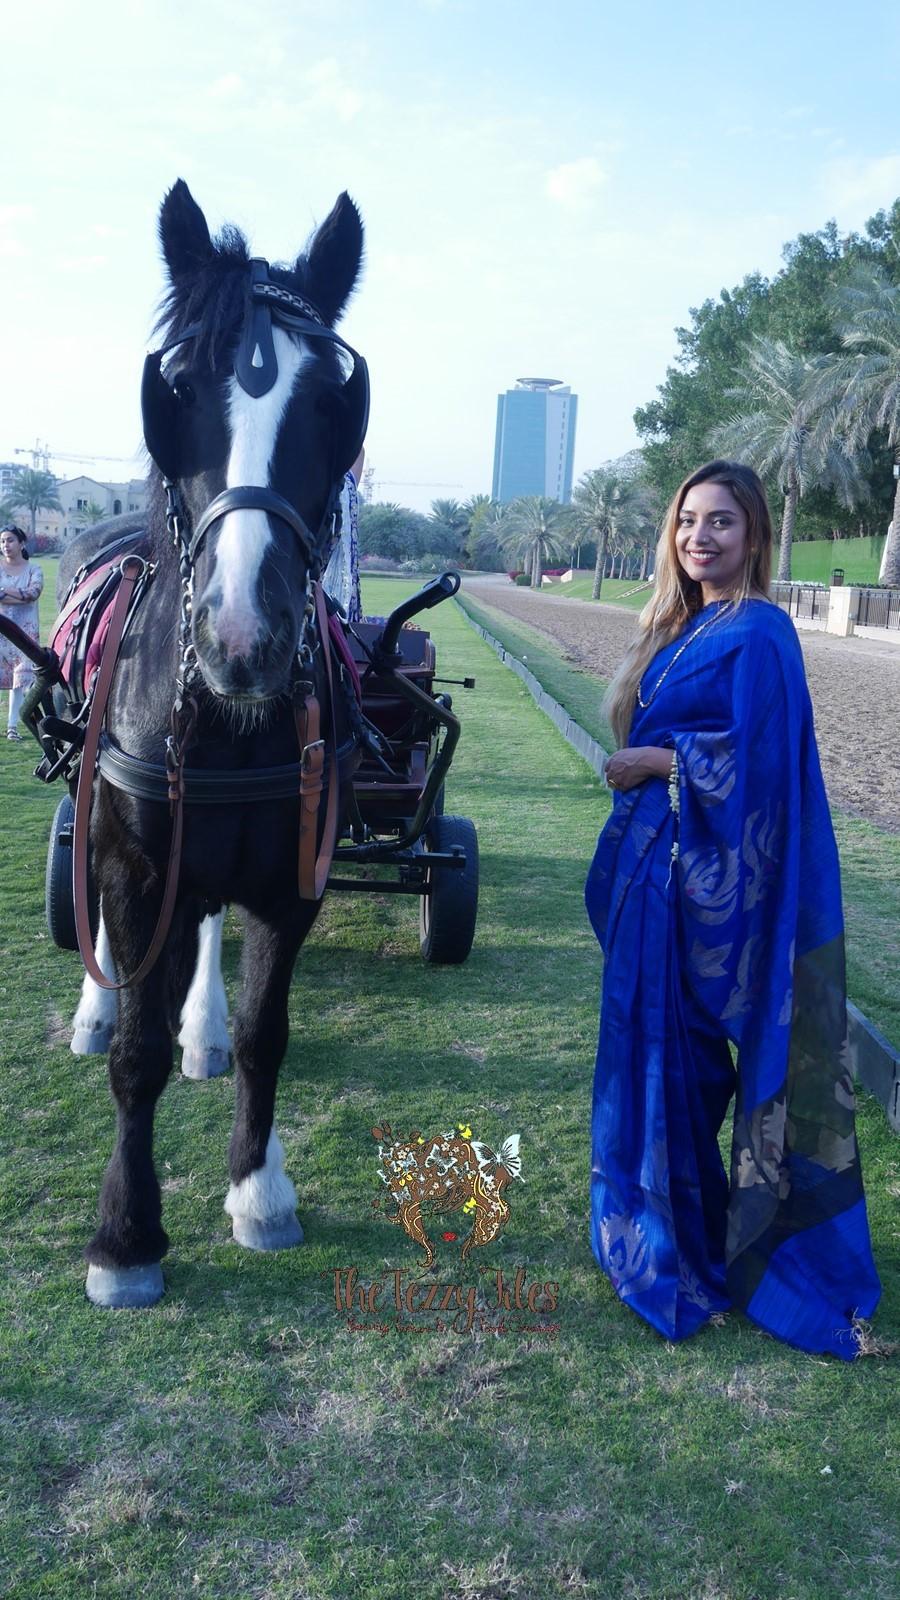 dubai-polo-club-equestrian-club-dubai-weddings-venue-horses-baraati-bloggers-event-sari-saree-indian-blog-dubai-india-uae-wedding-bloggers-lifestyle-blog-uae-1